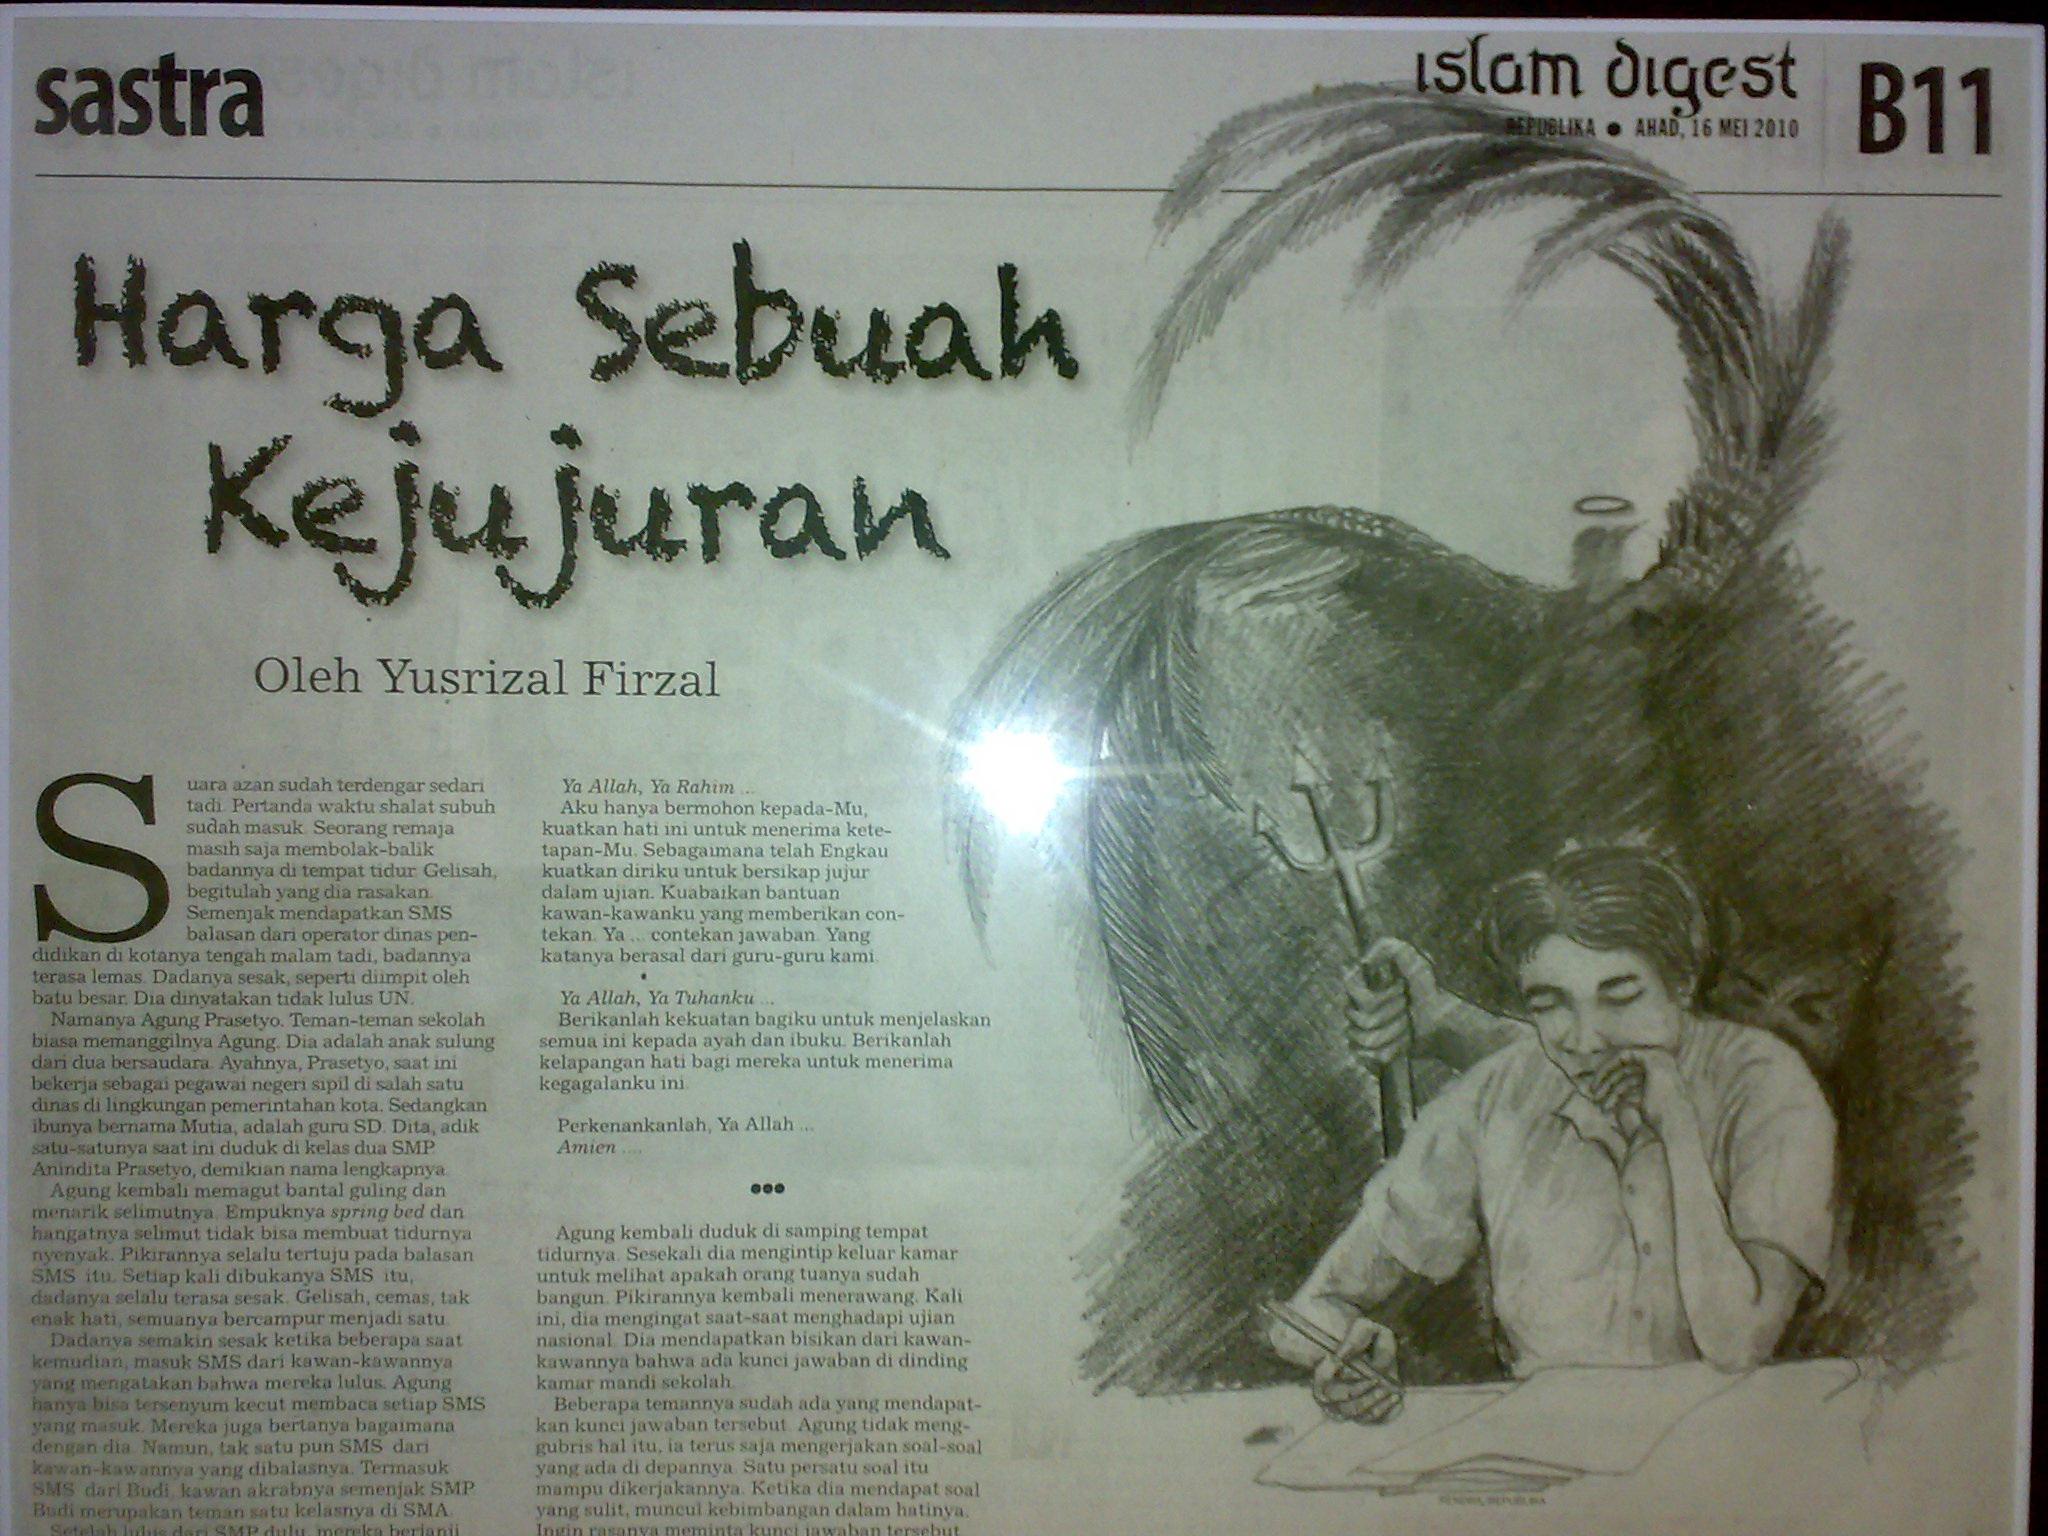 Suara ... & Harga Sebuah Kejujuran u2013 Yusrizalfirzal